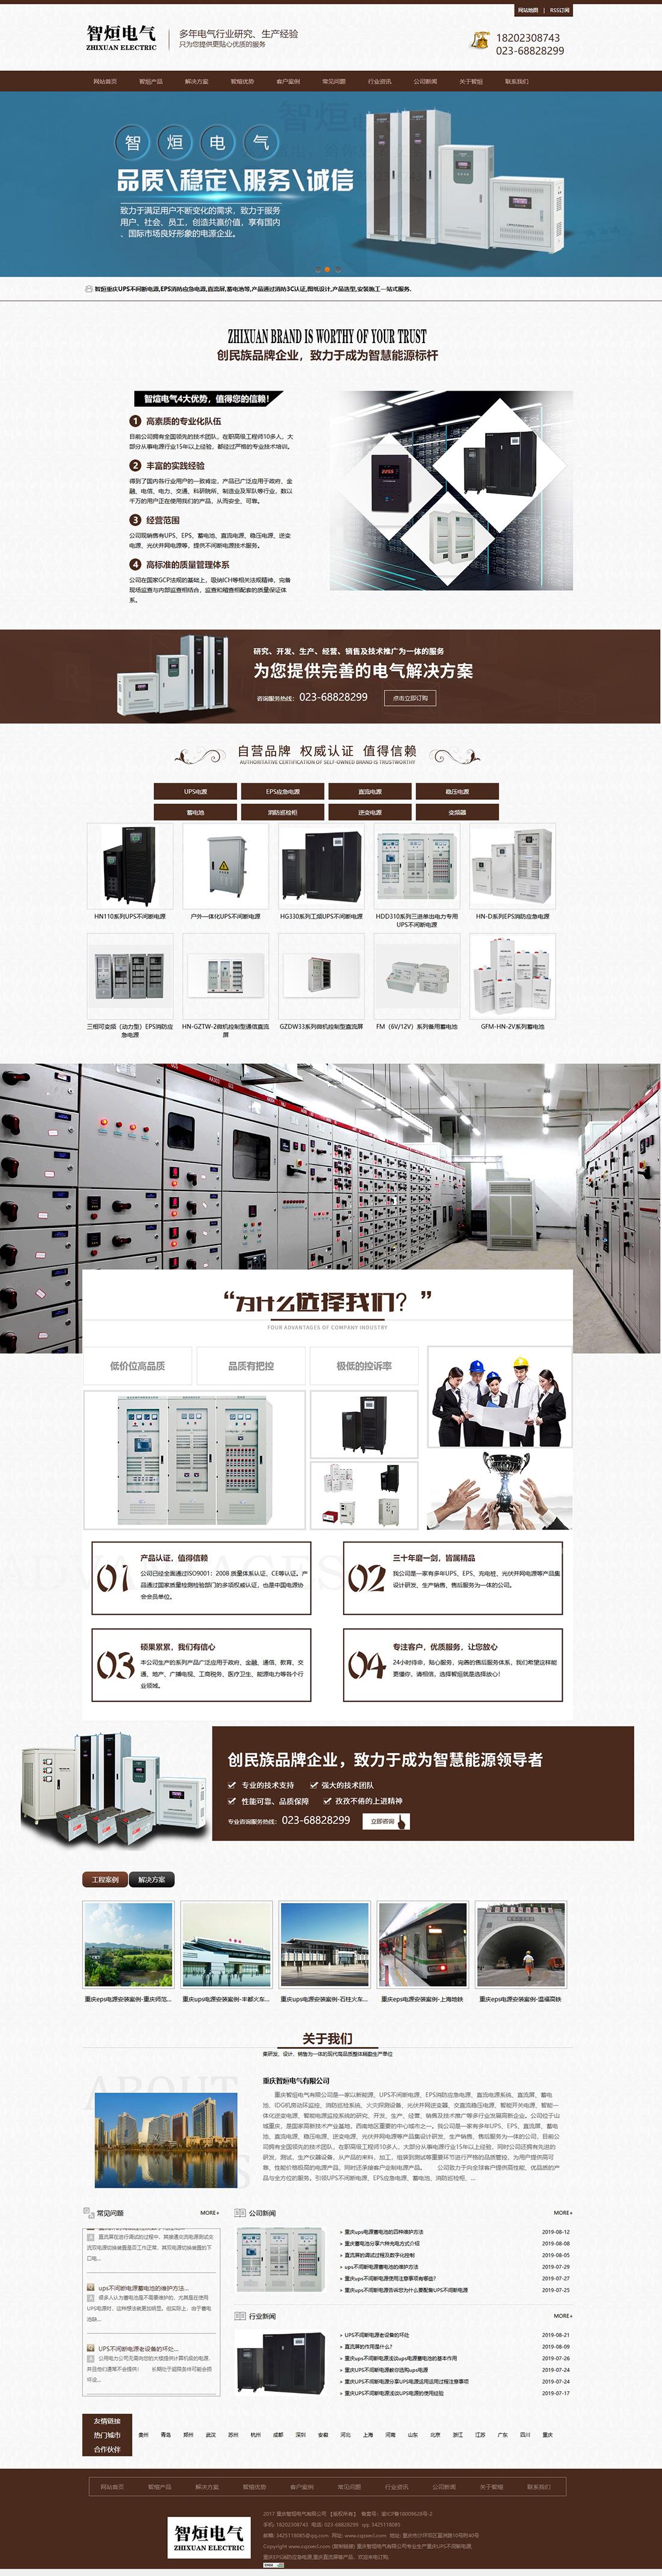 重庆智烜电气有限公司网站建设案